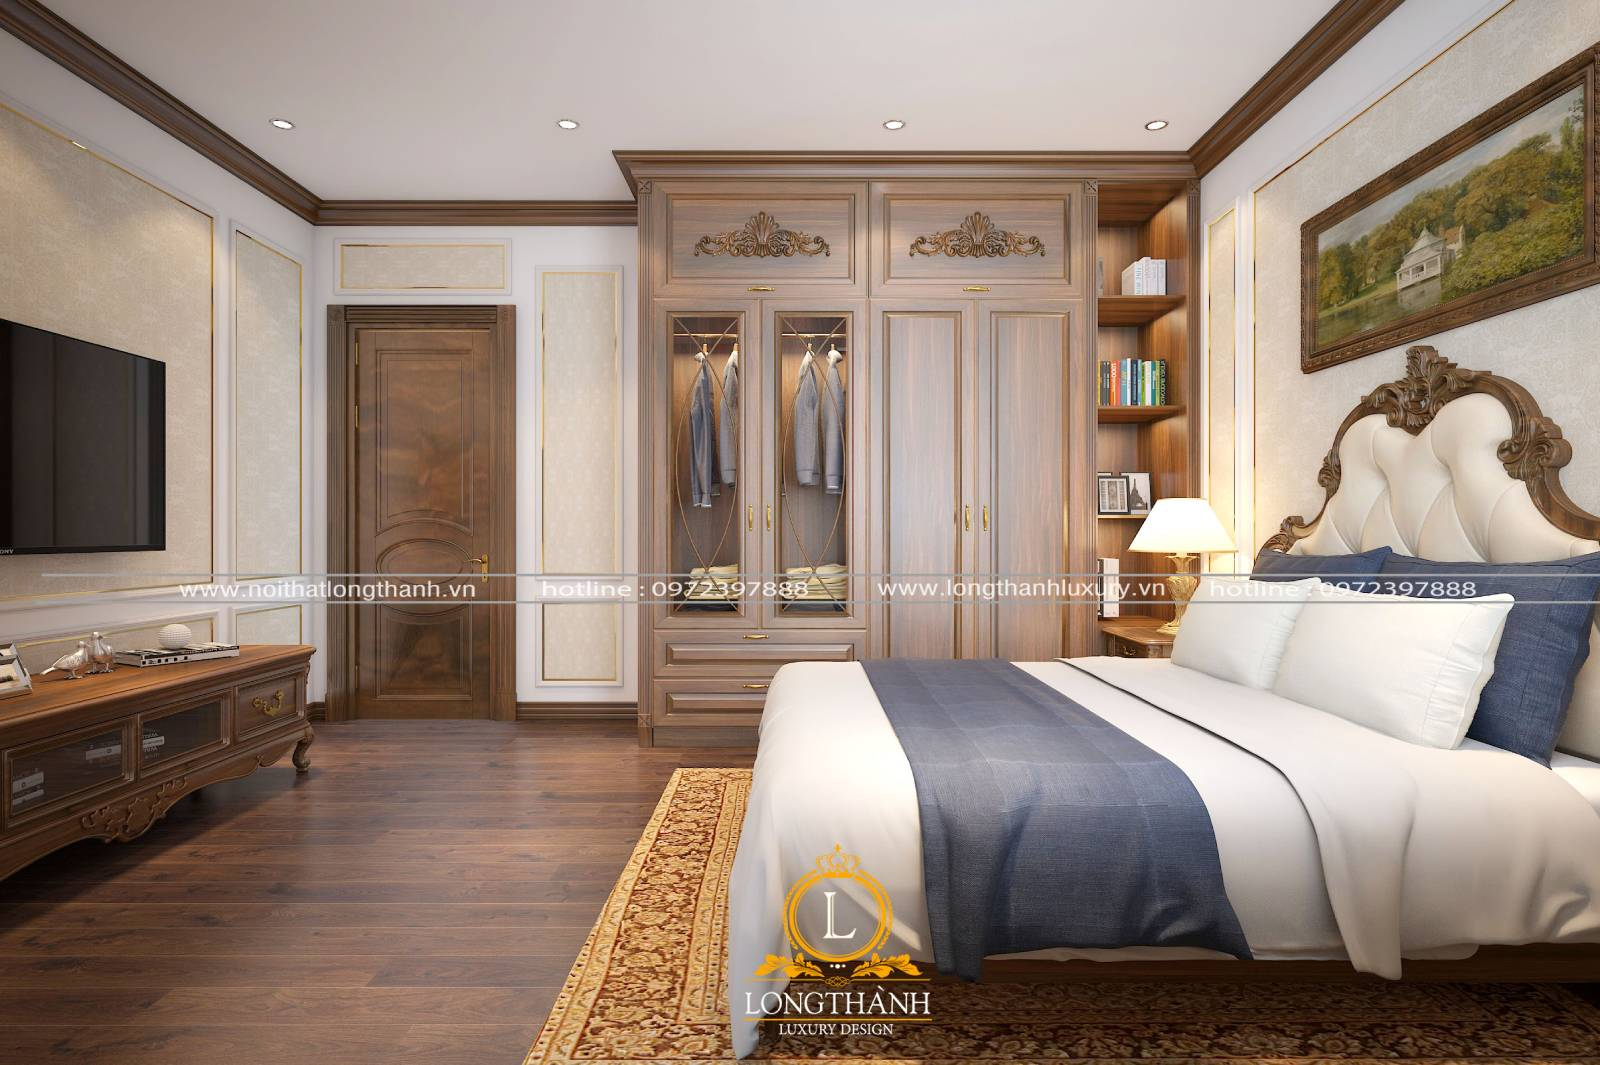 Mẫu giường tủ tân cổ sang trọng tiện nghi cho phòng ngủ